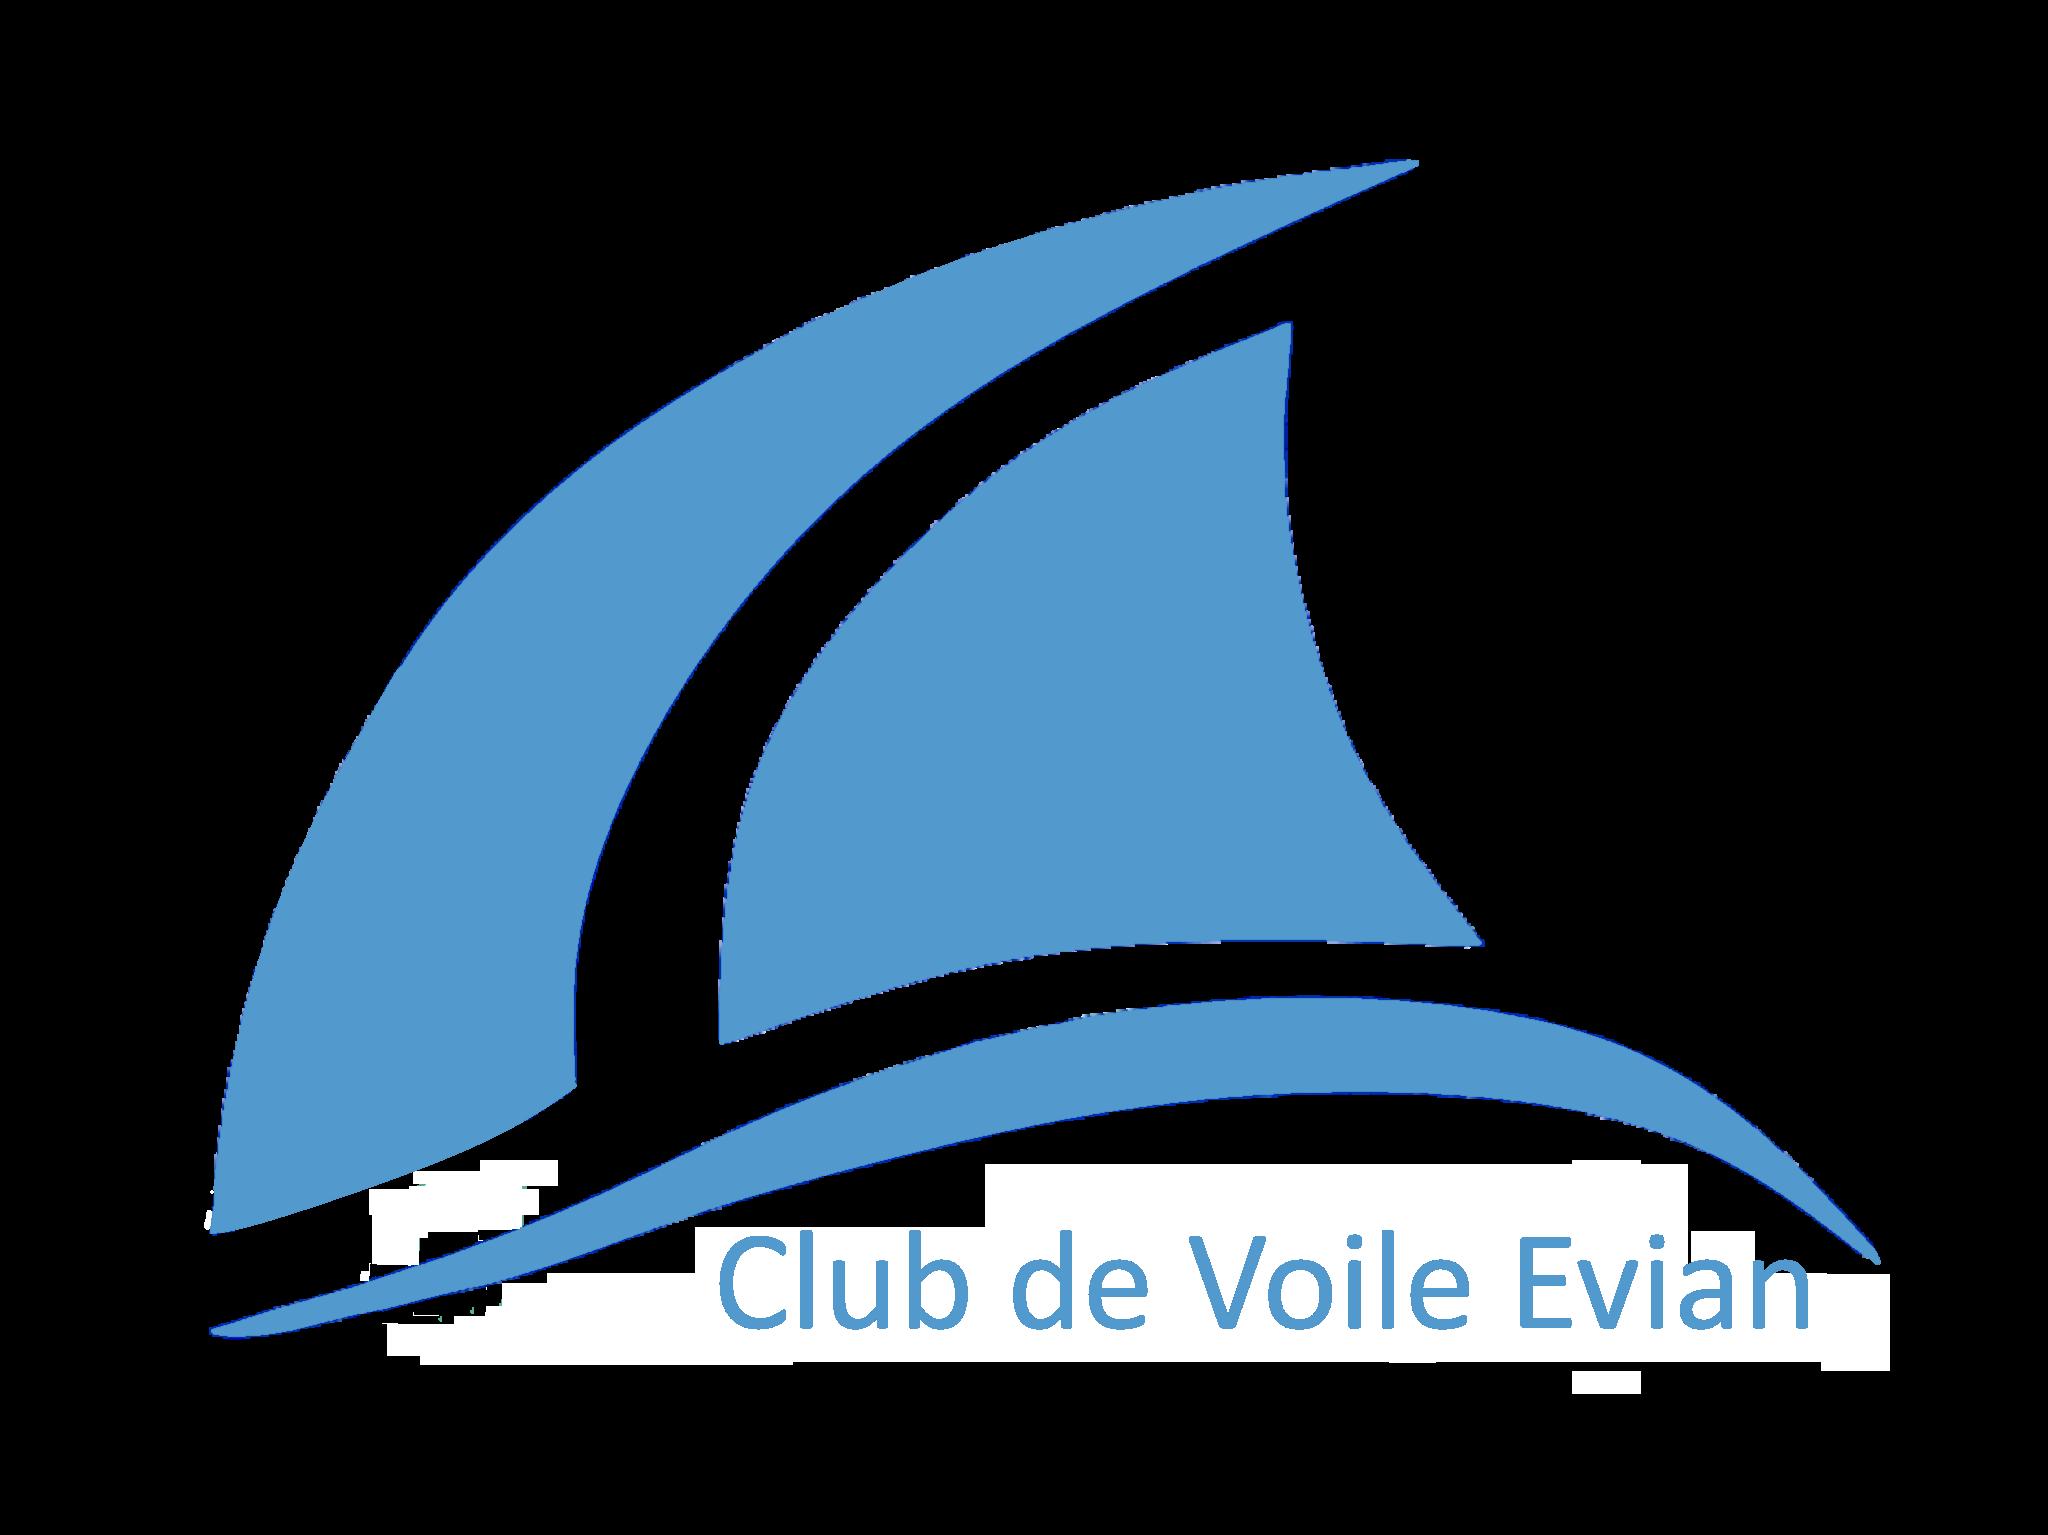 Club de Voile d'Evian